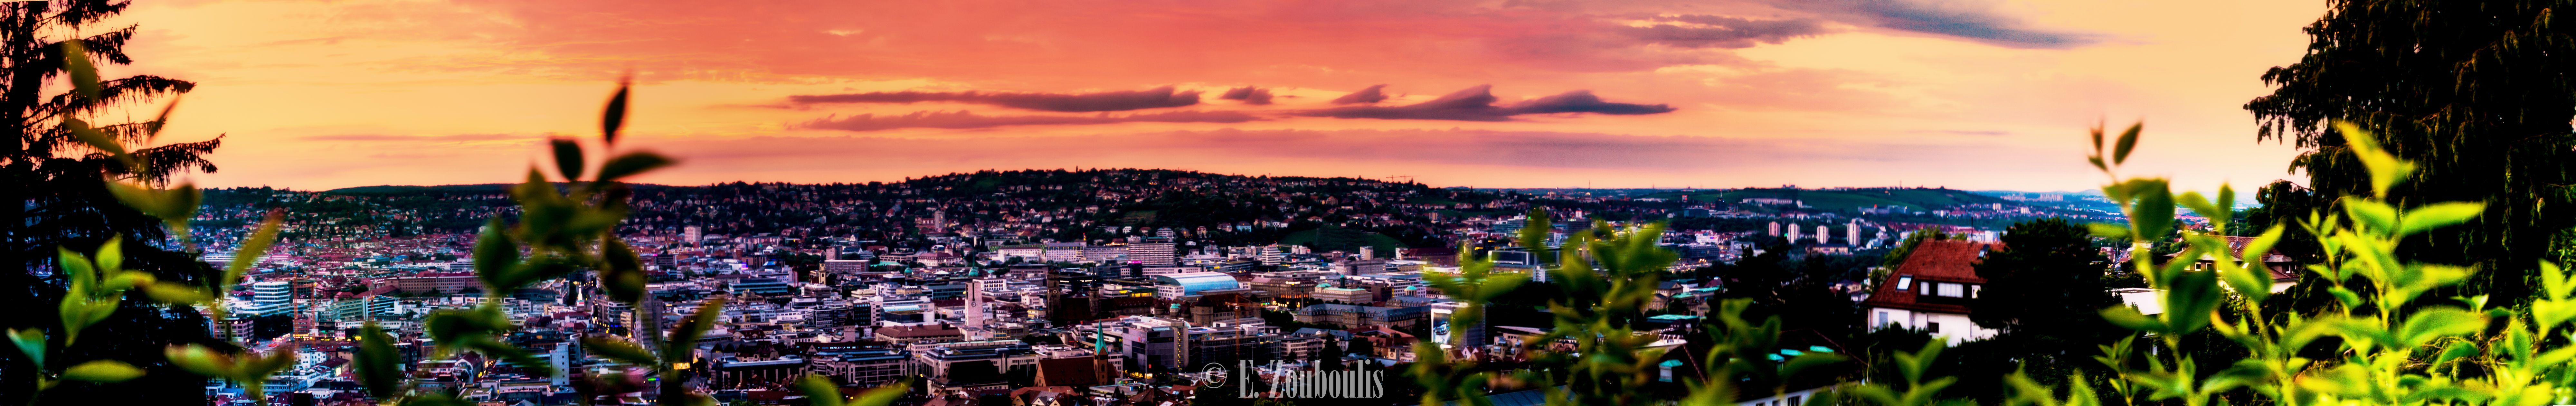 Stuttgart Sunset Panorama